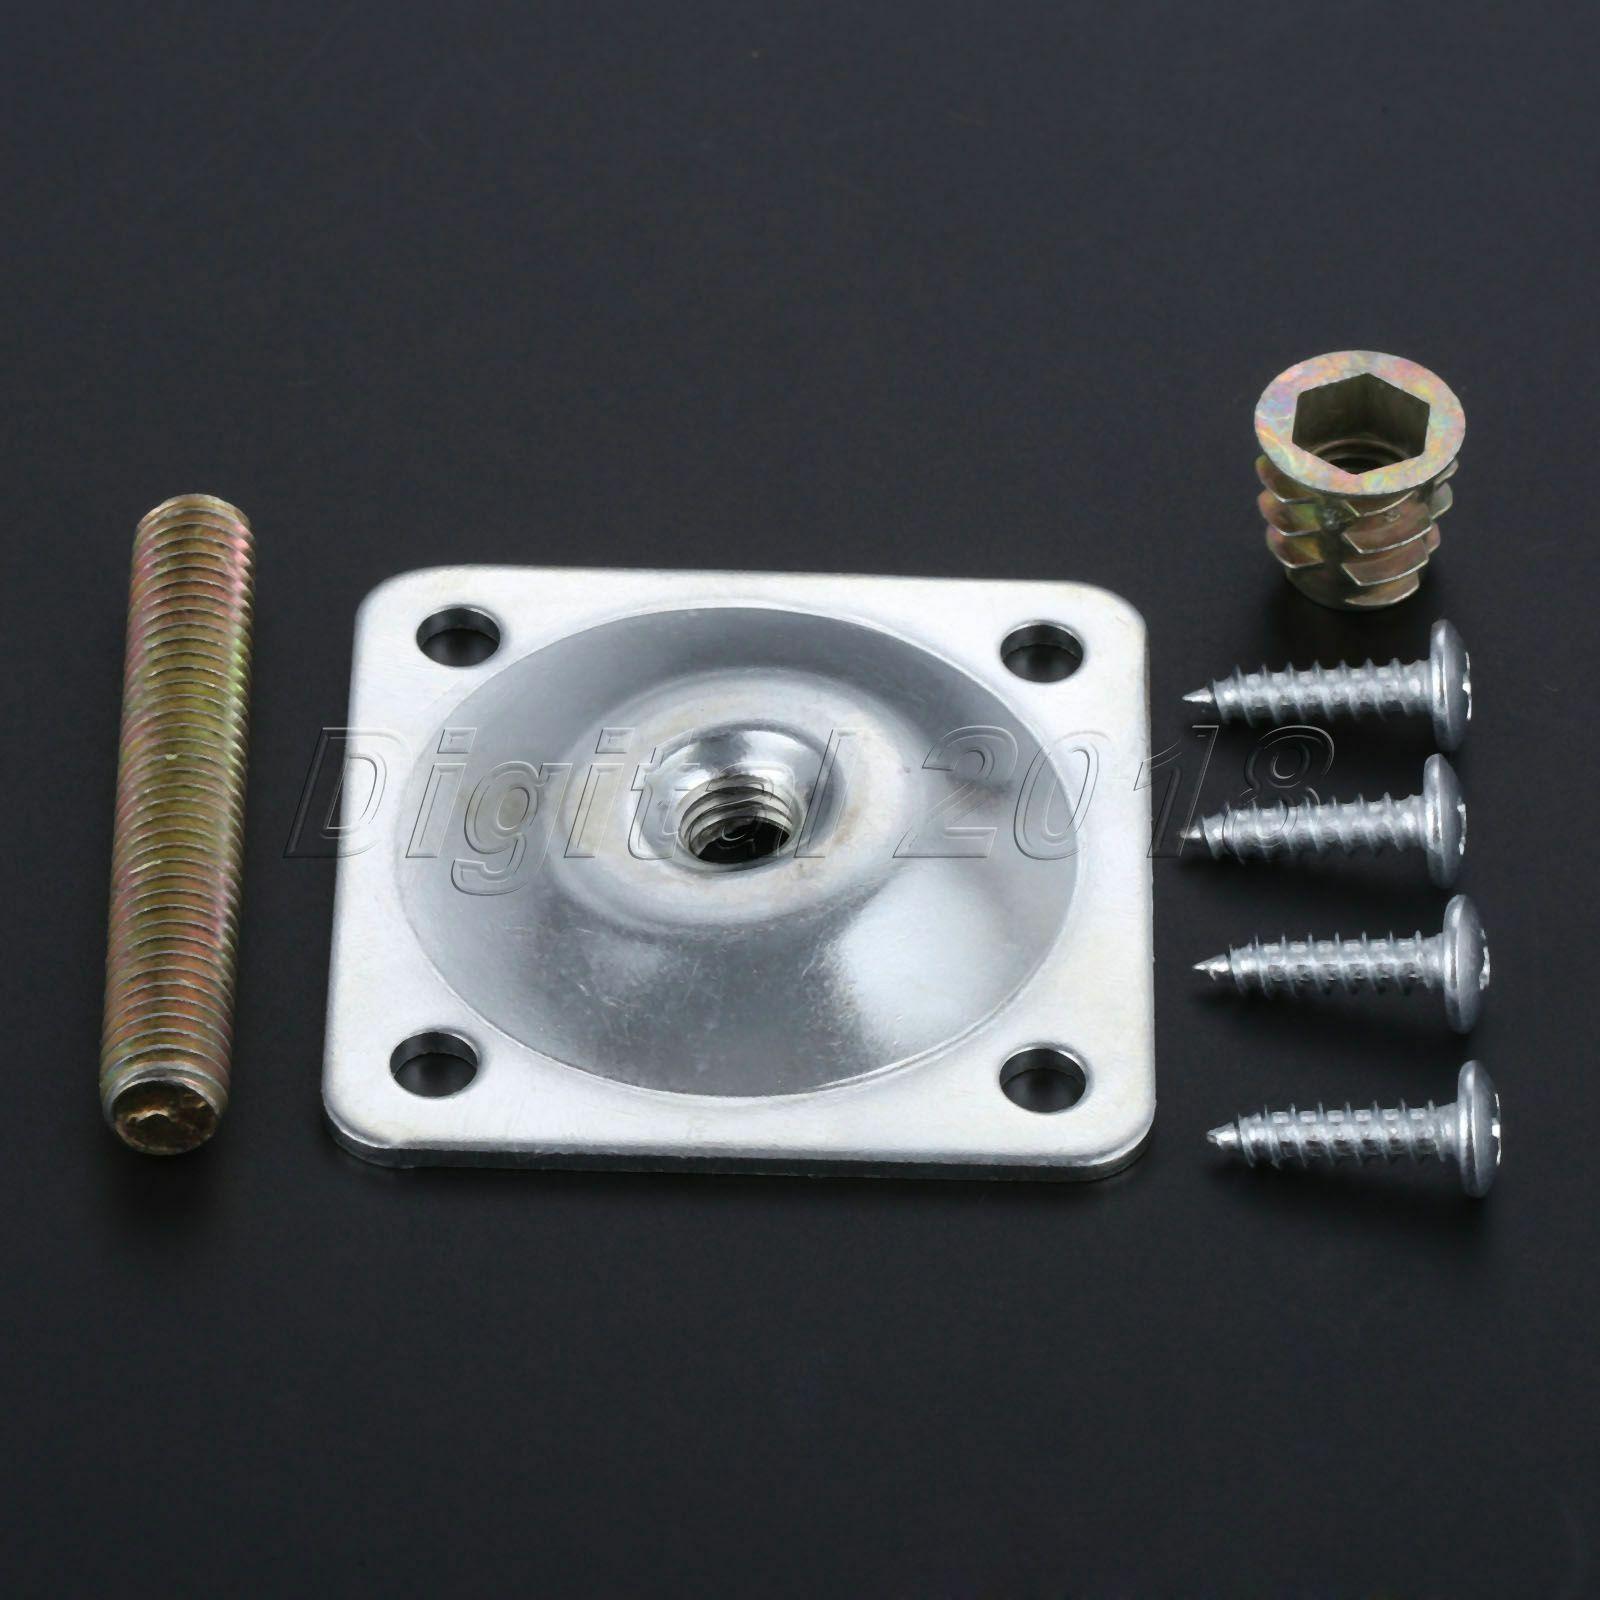 Tabla de hardware para muebles Patas de sofá de placa de montaje de la pierna Pie accesorios de fijación